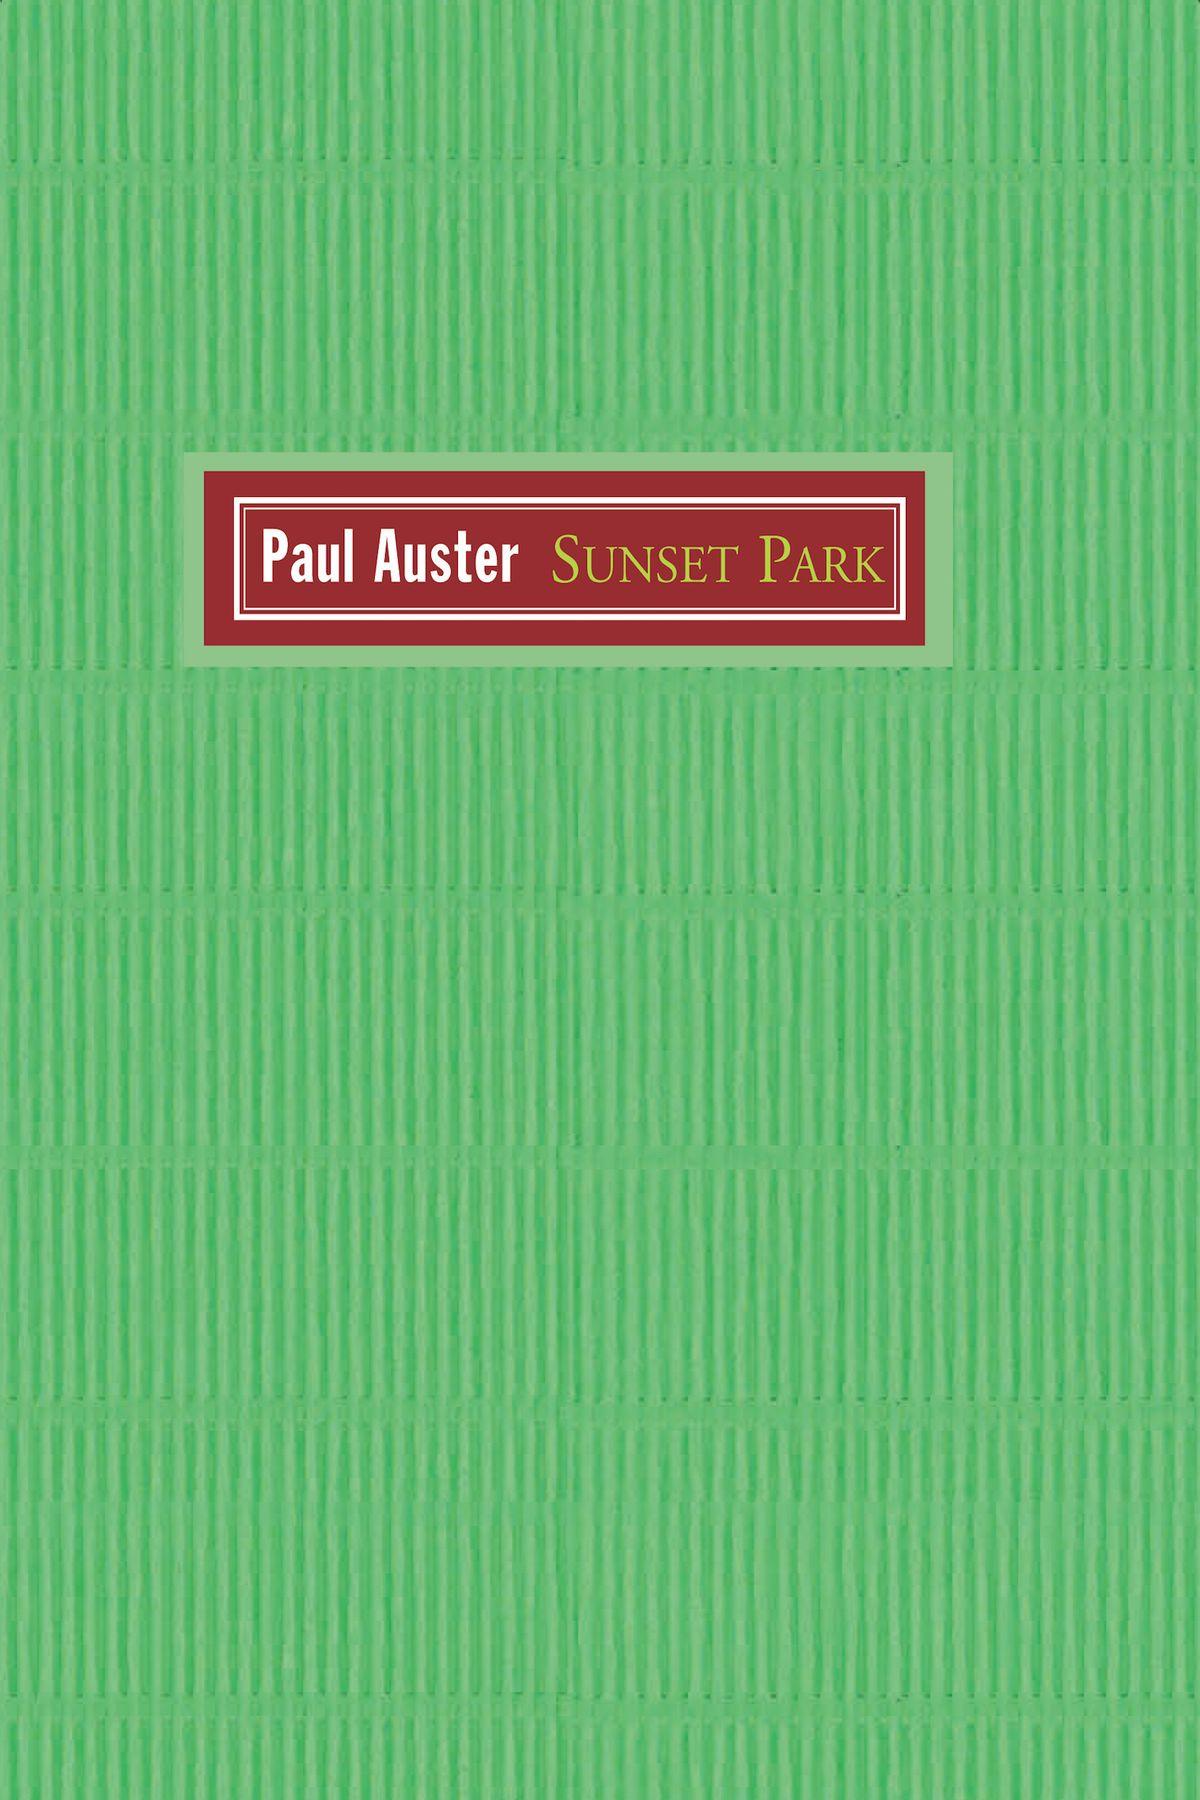 sunset park livro de paul auster